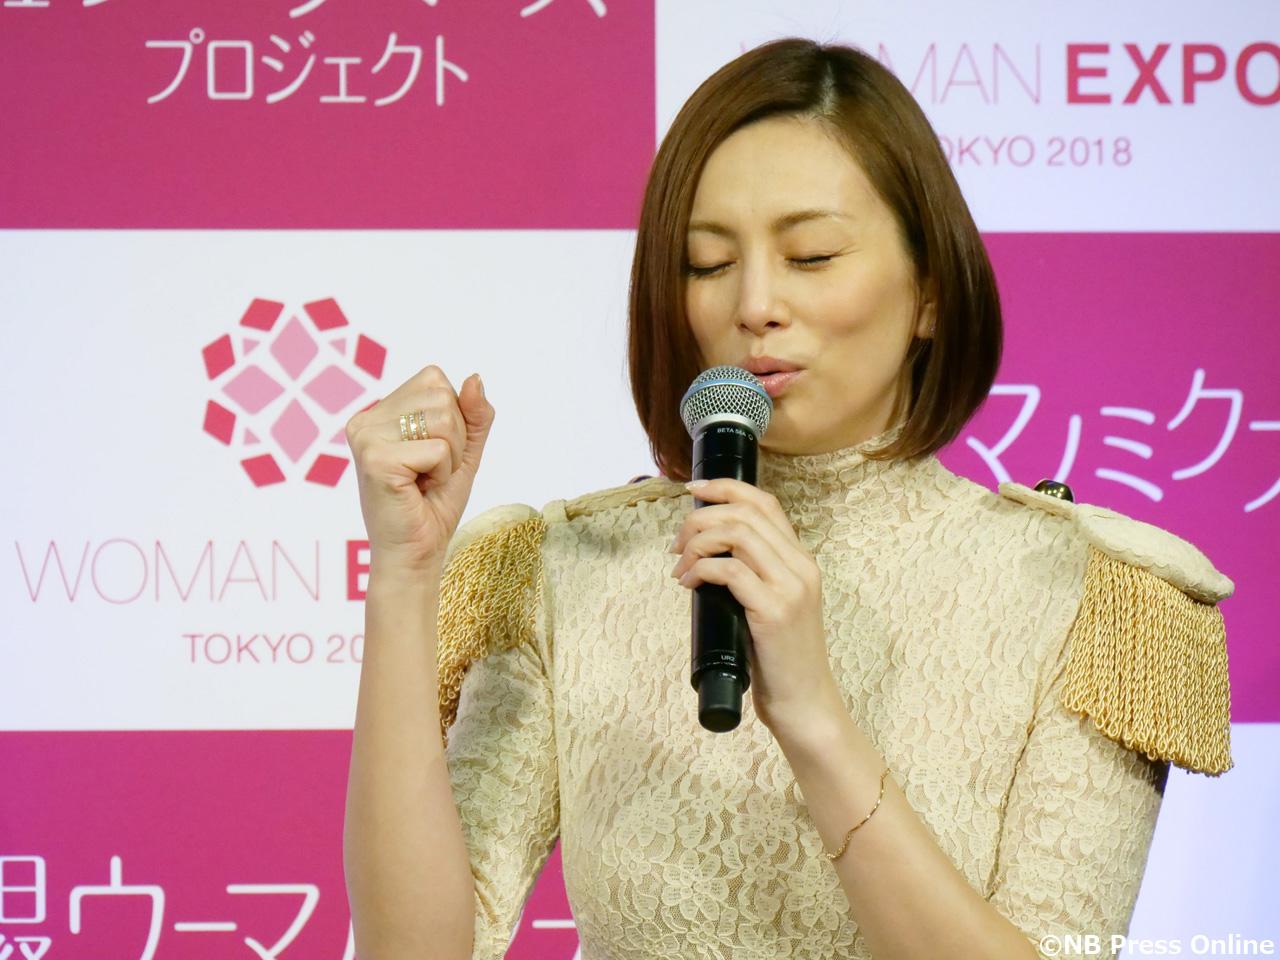 米倉涼⼦ - 日経ヘルス Presents ビューティーミューズ大賞2018